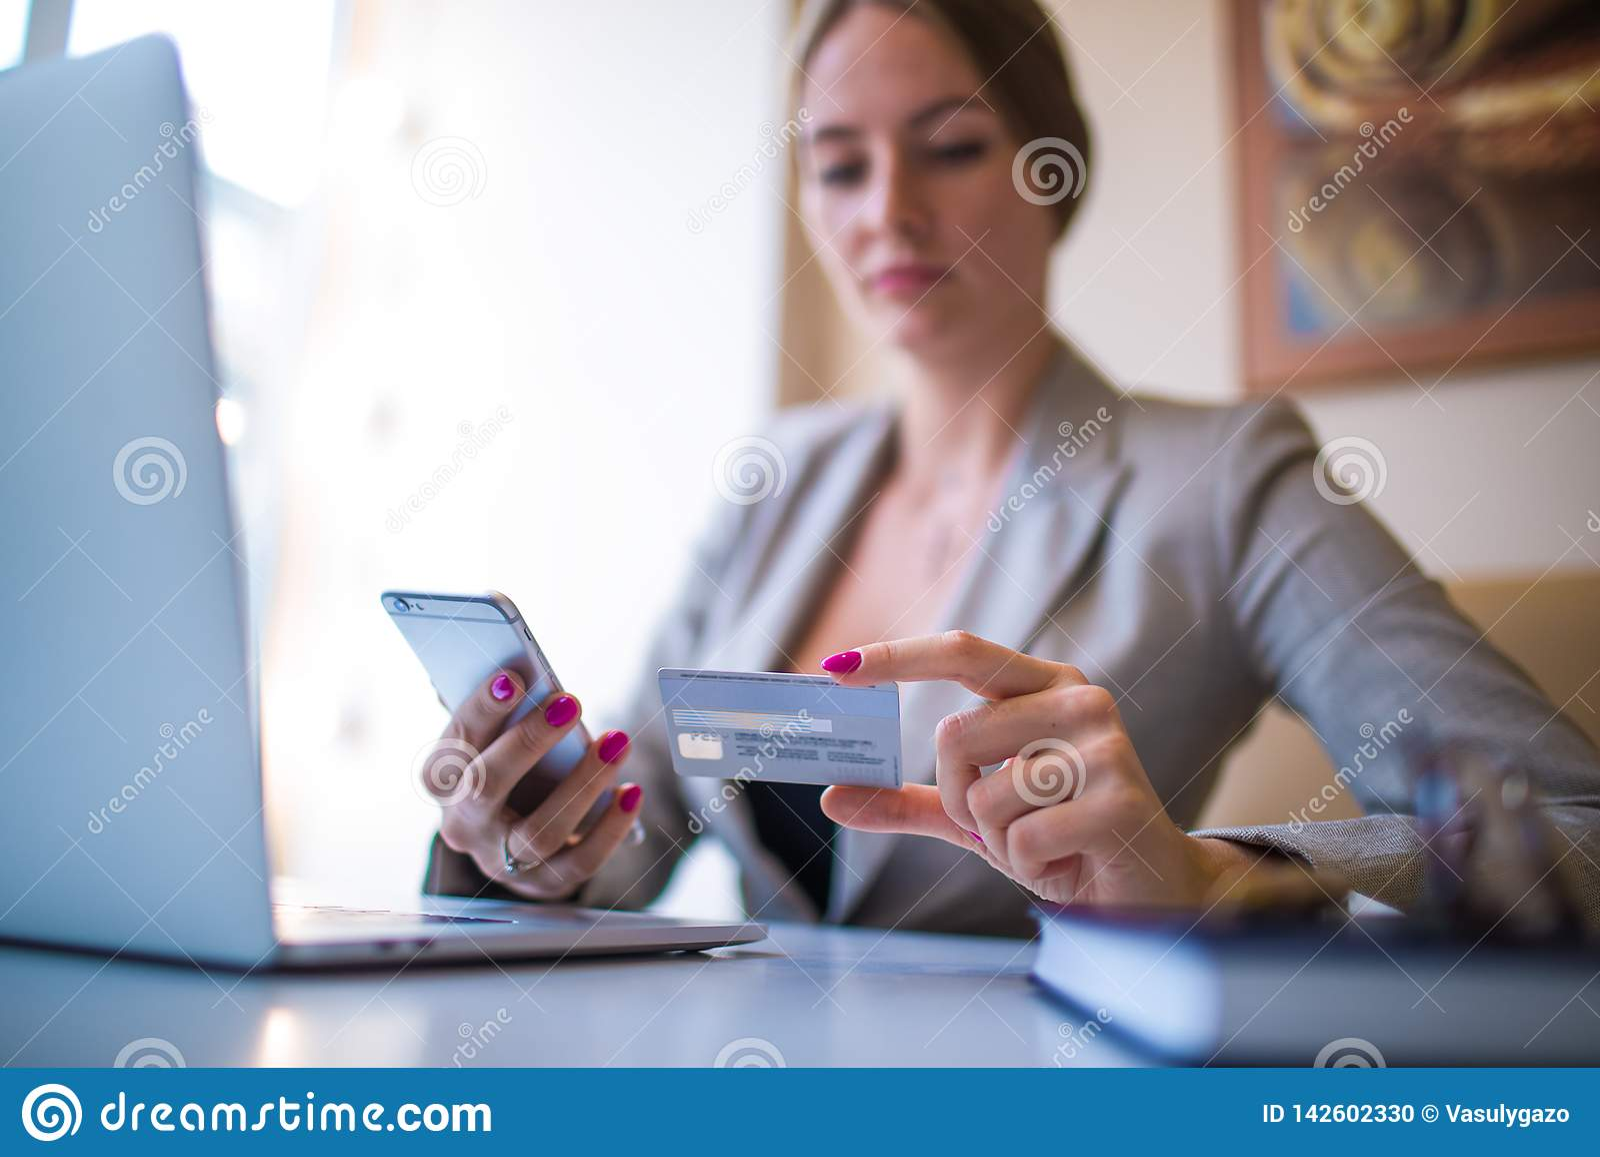 Tienda que hace compras en línea de fabricación femenina vía el artilugio del teléfono móvil